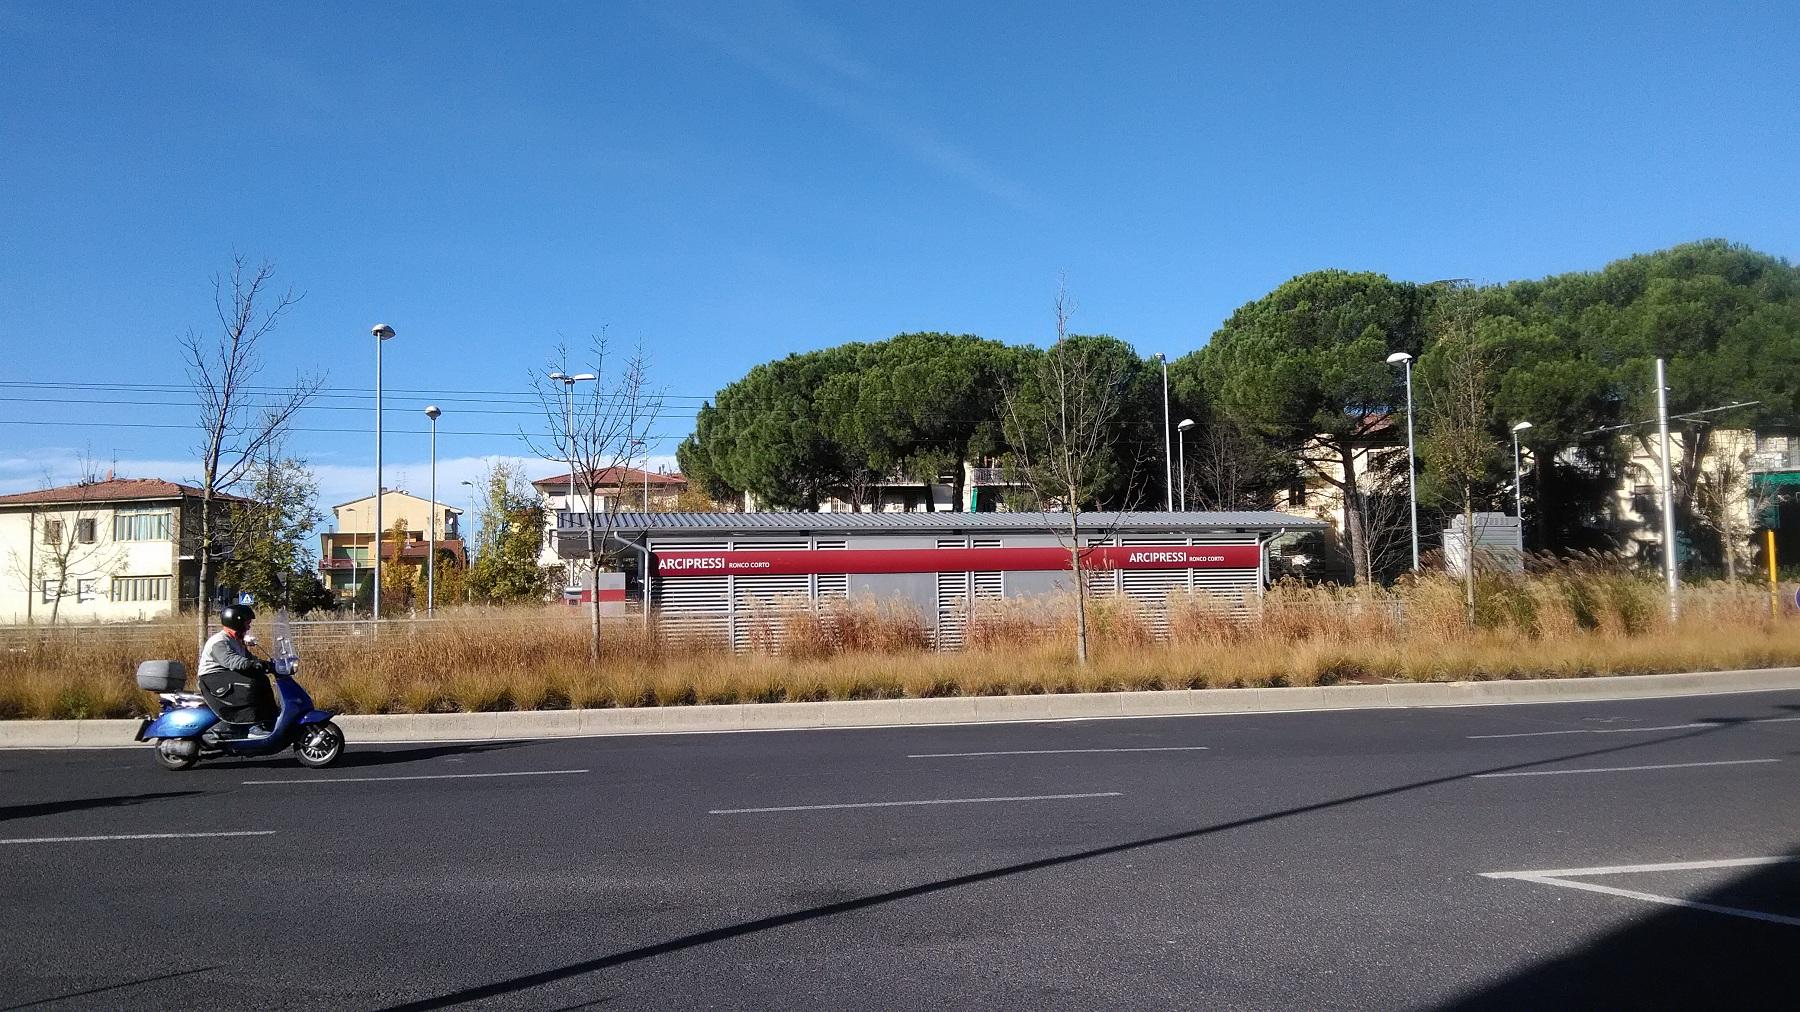 fermata tram arcipressi (3)